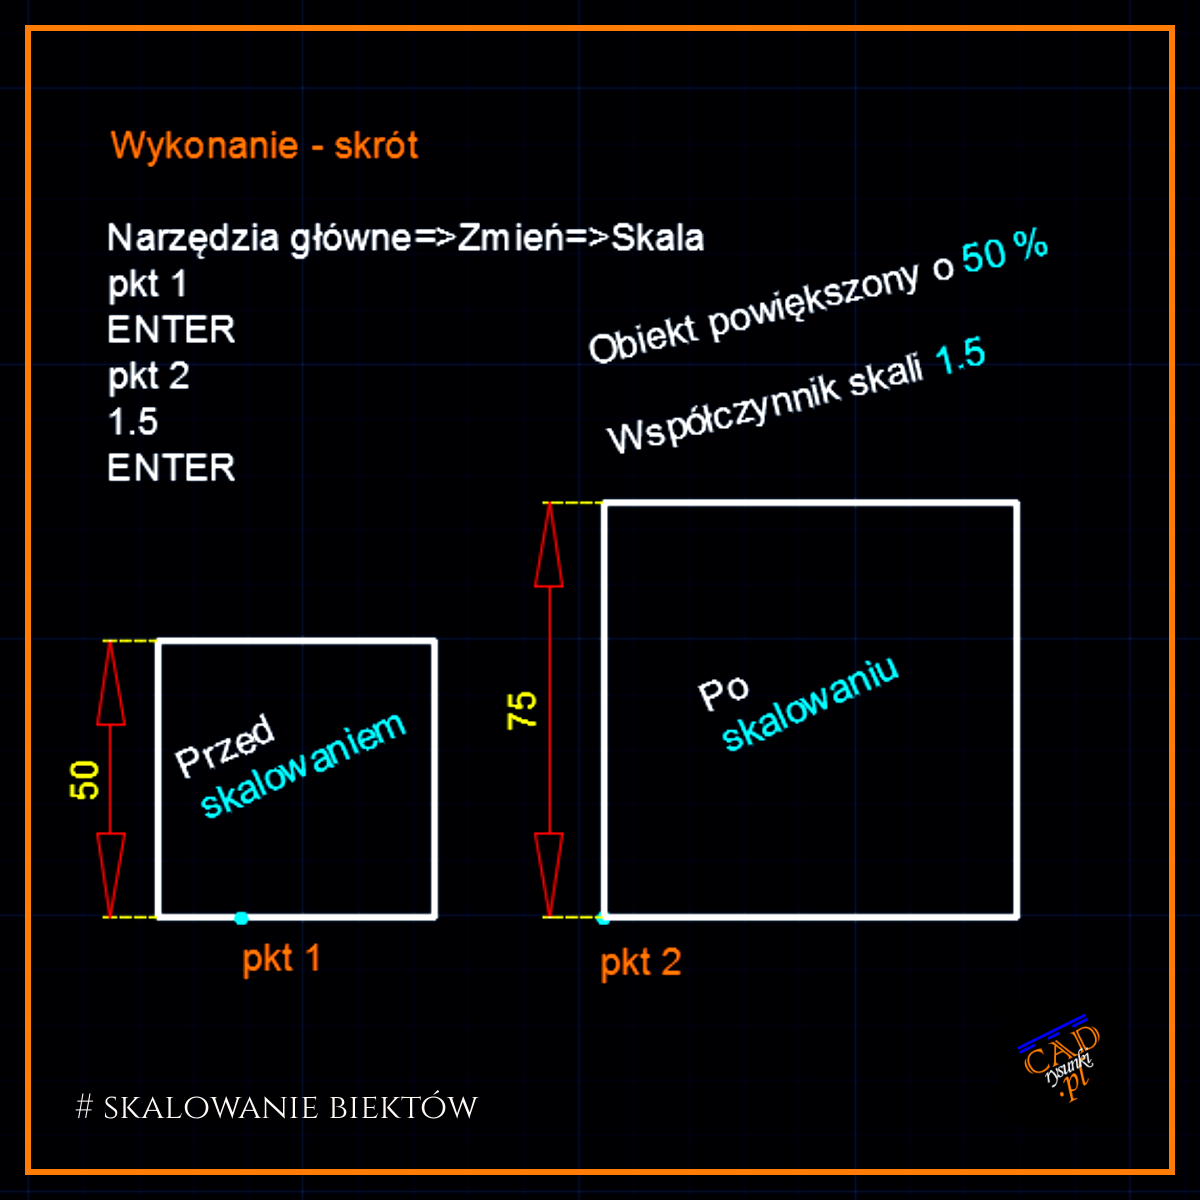 Opis wykonania krok po kroku jak wykonać skalowanie elementów w programie AutoCAD. Skalowanym obiektem jest kwadrat który został powiększony o 50%